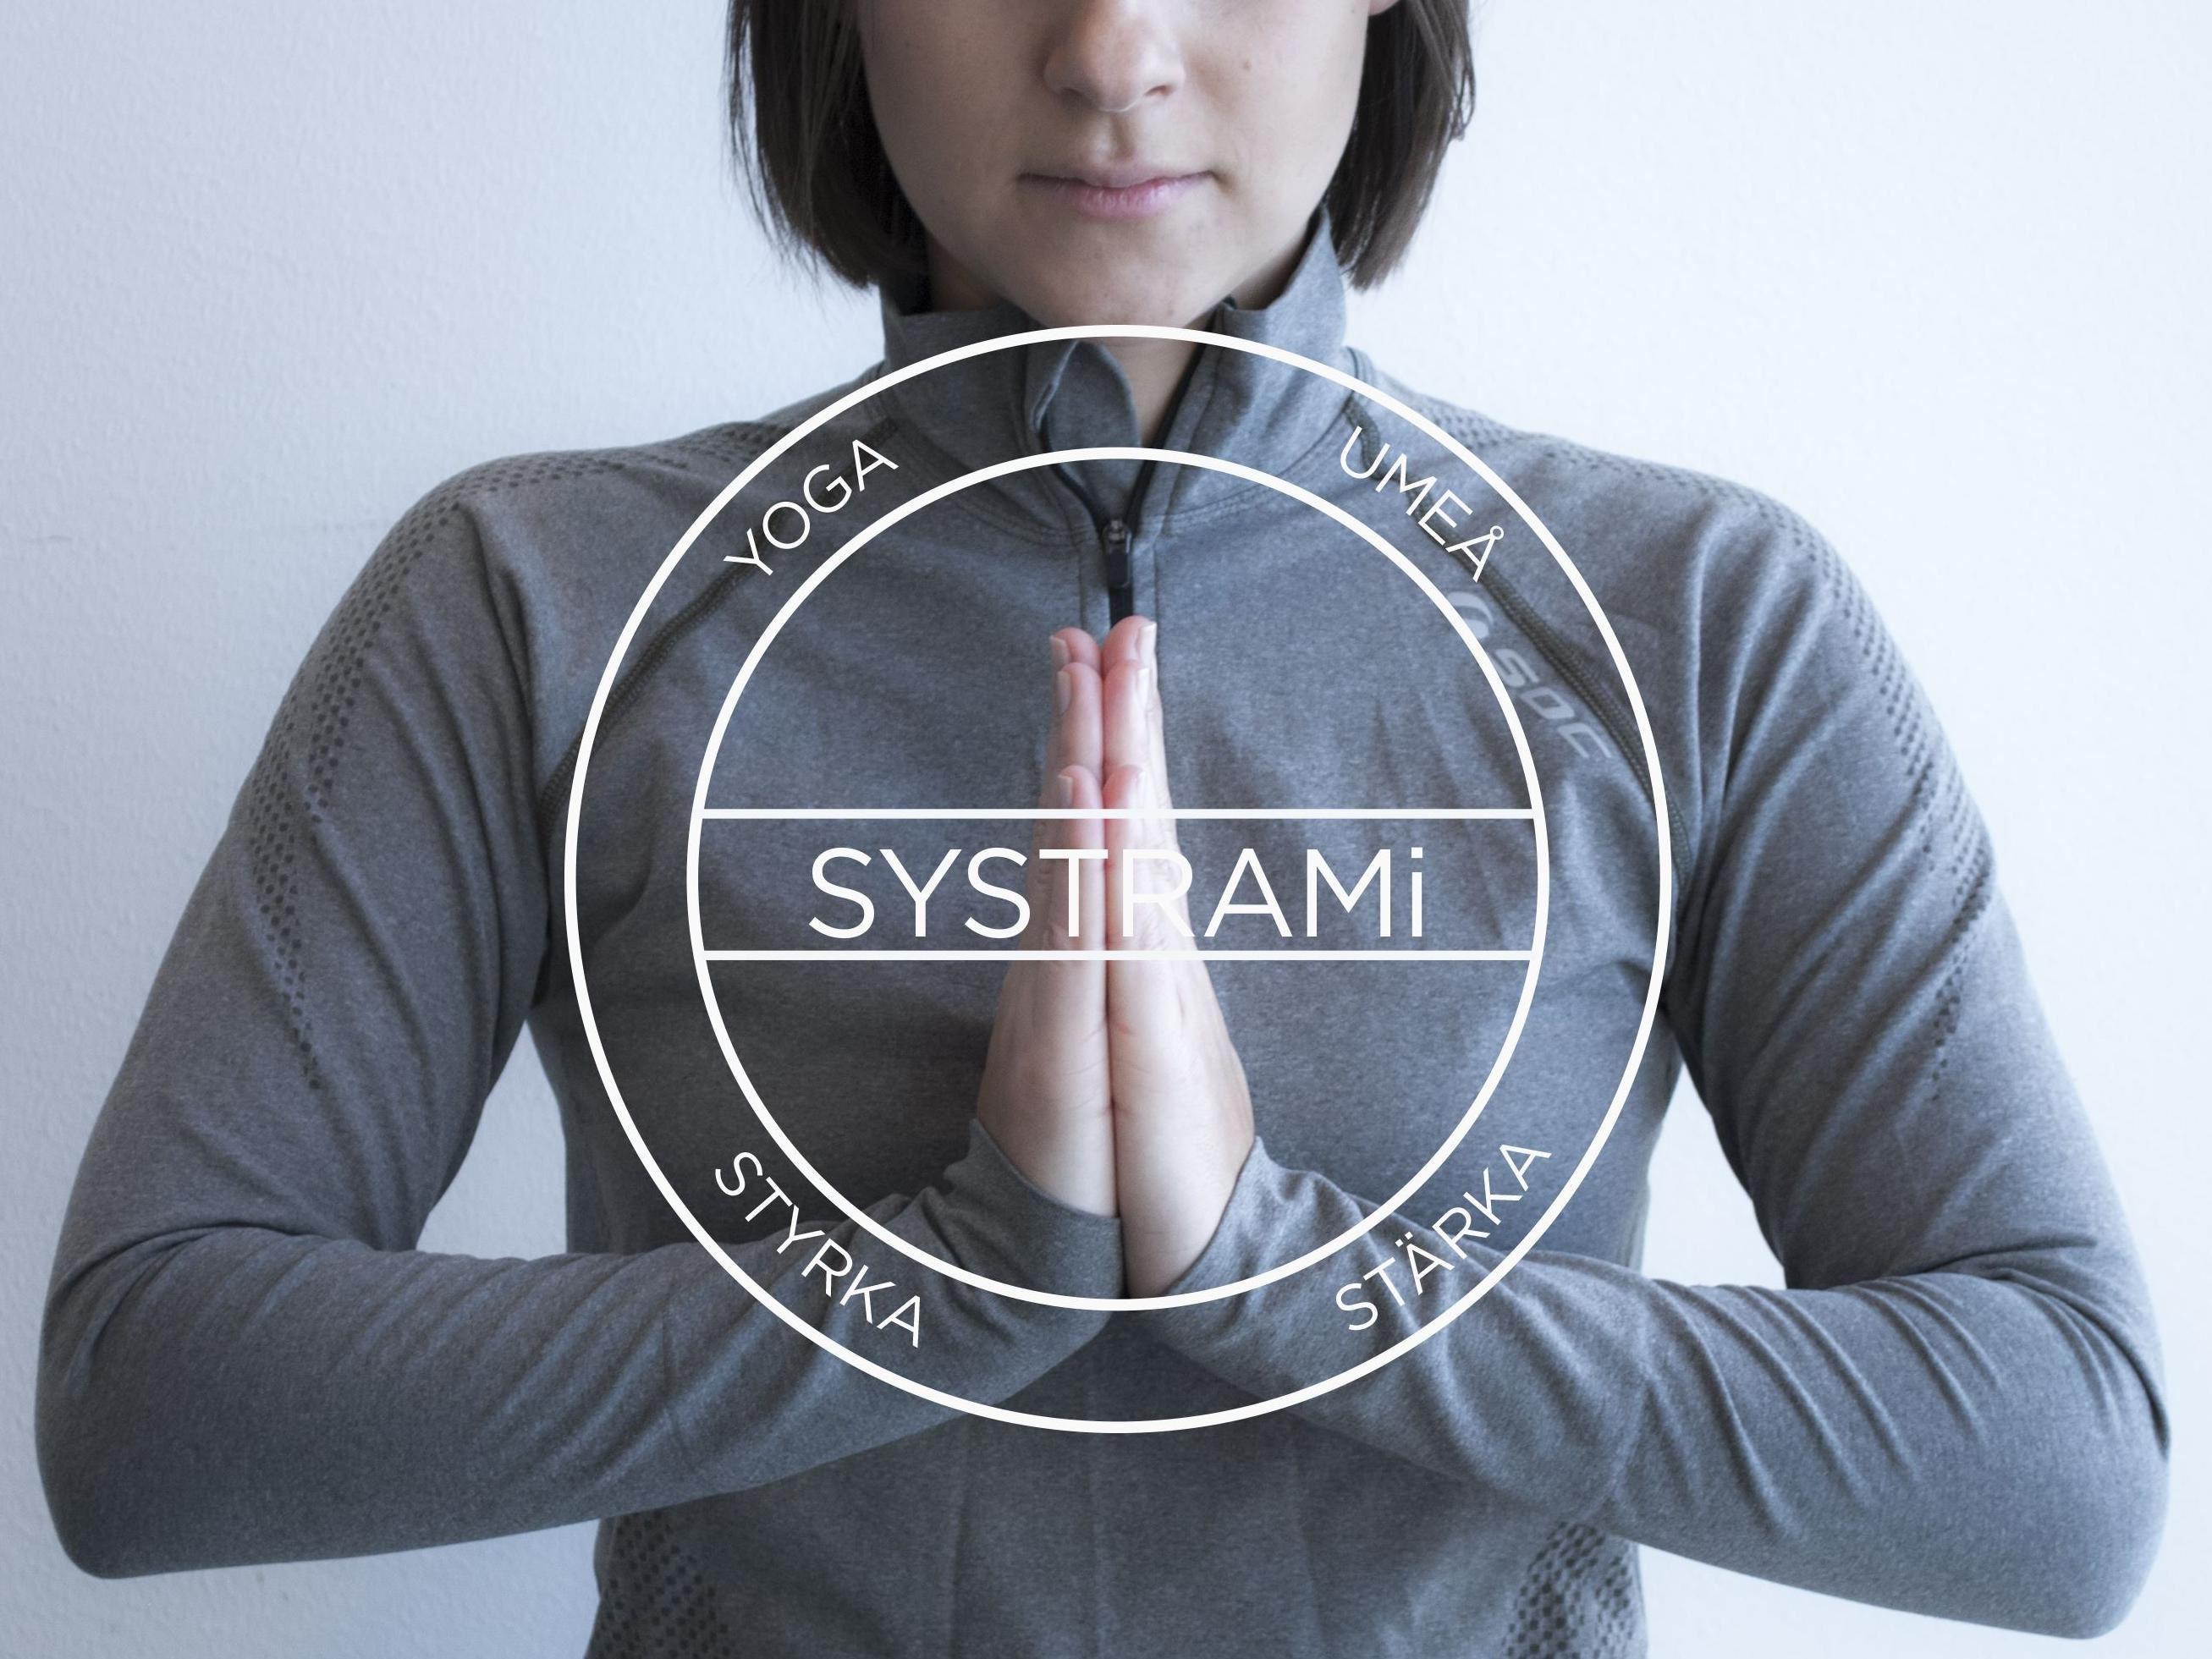 SYSTRAMi